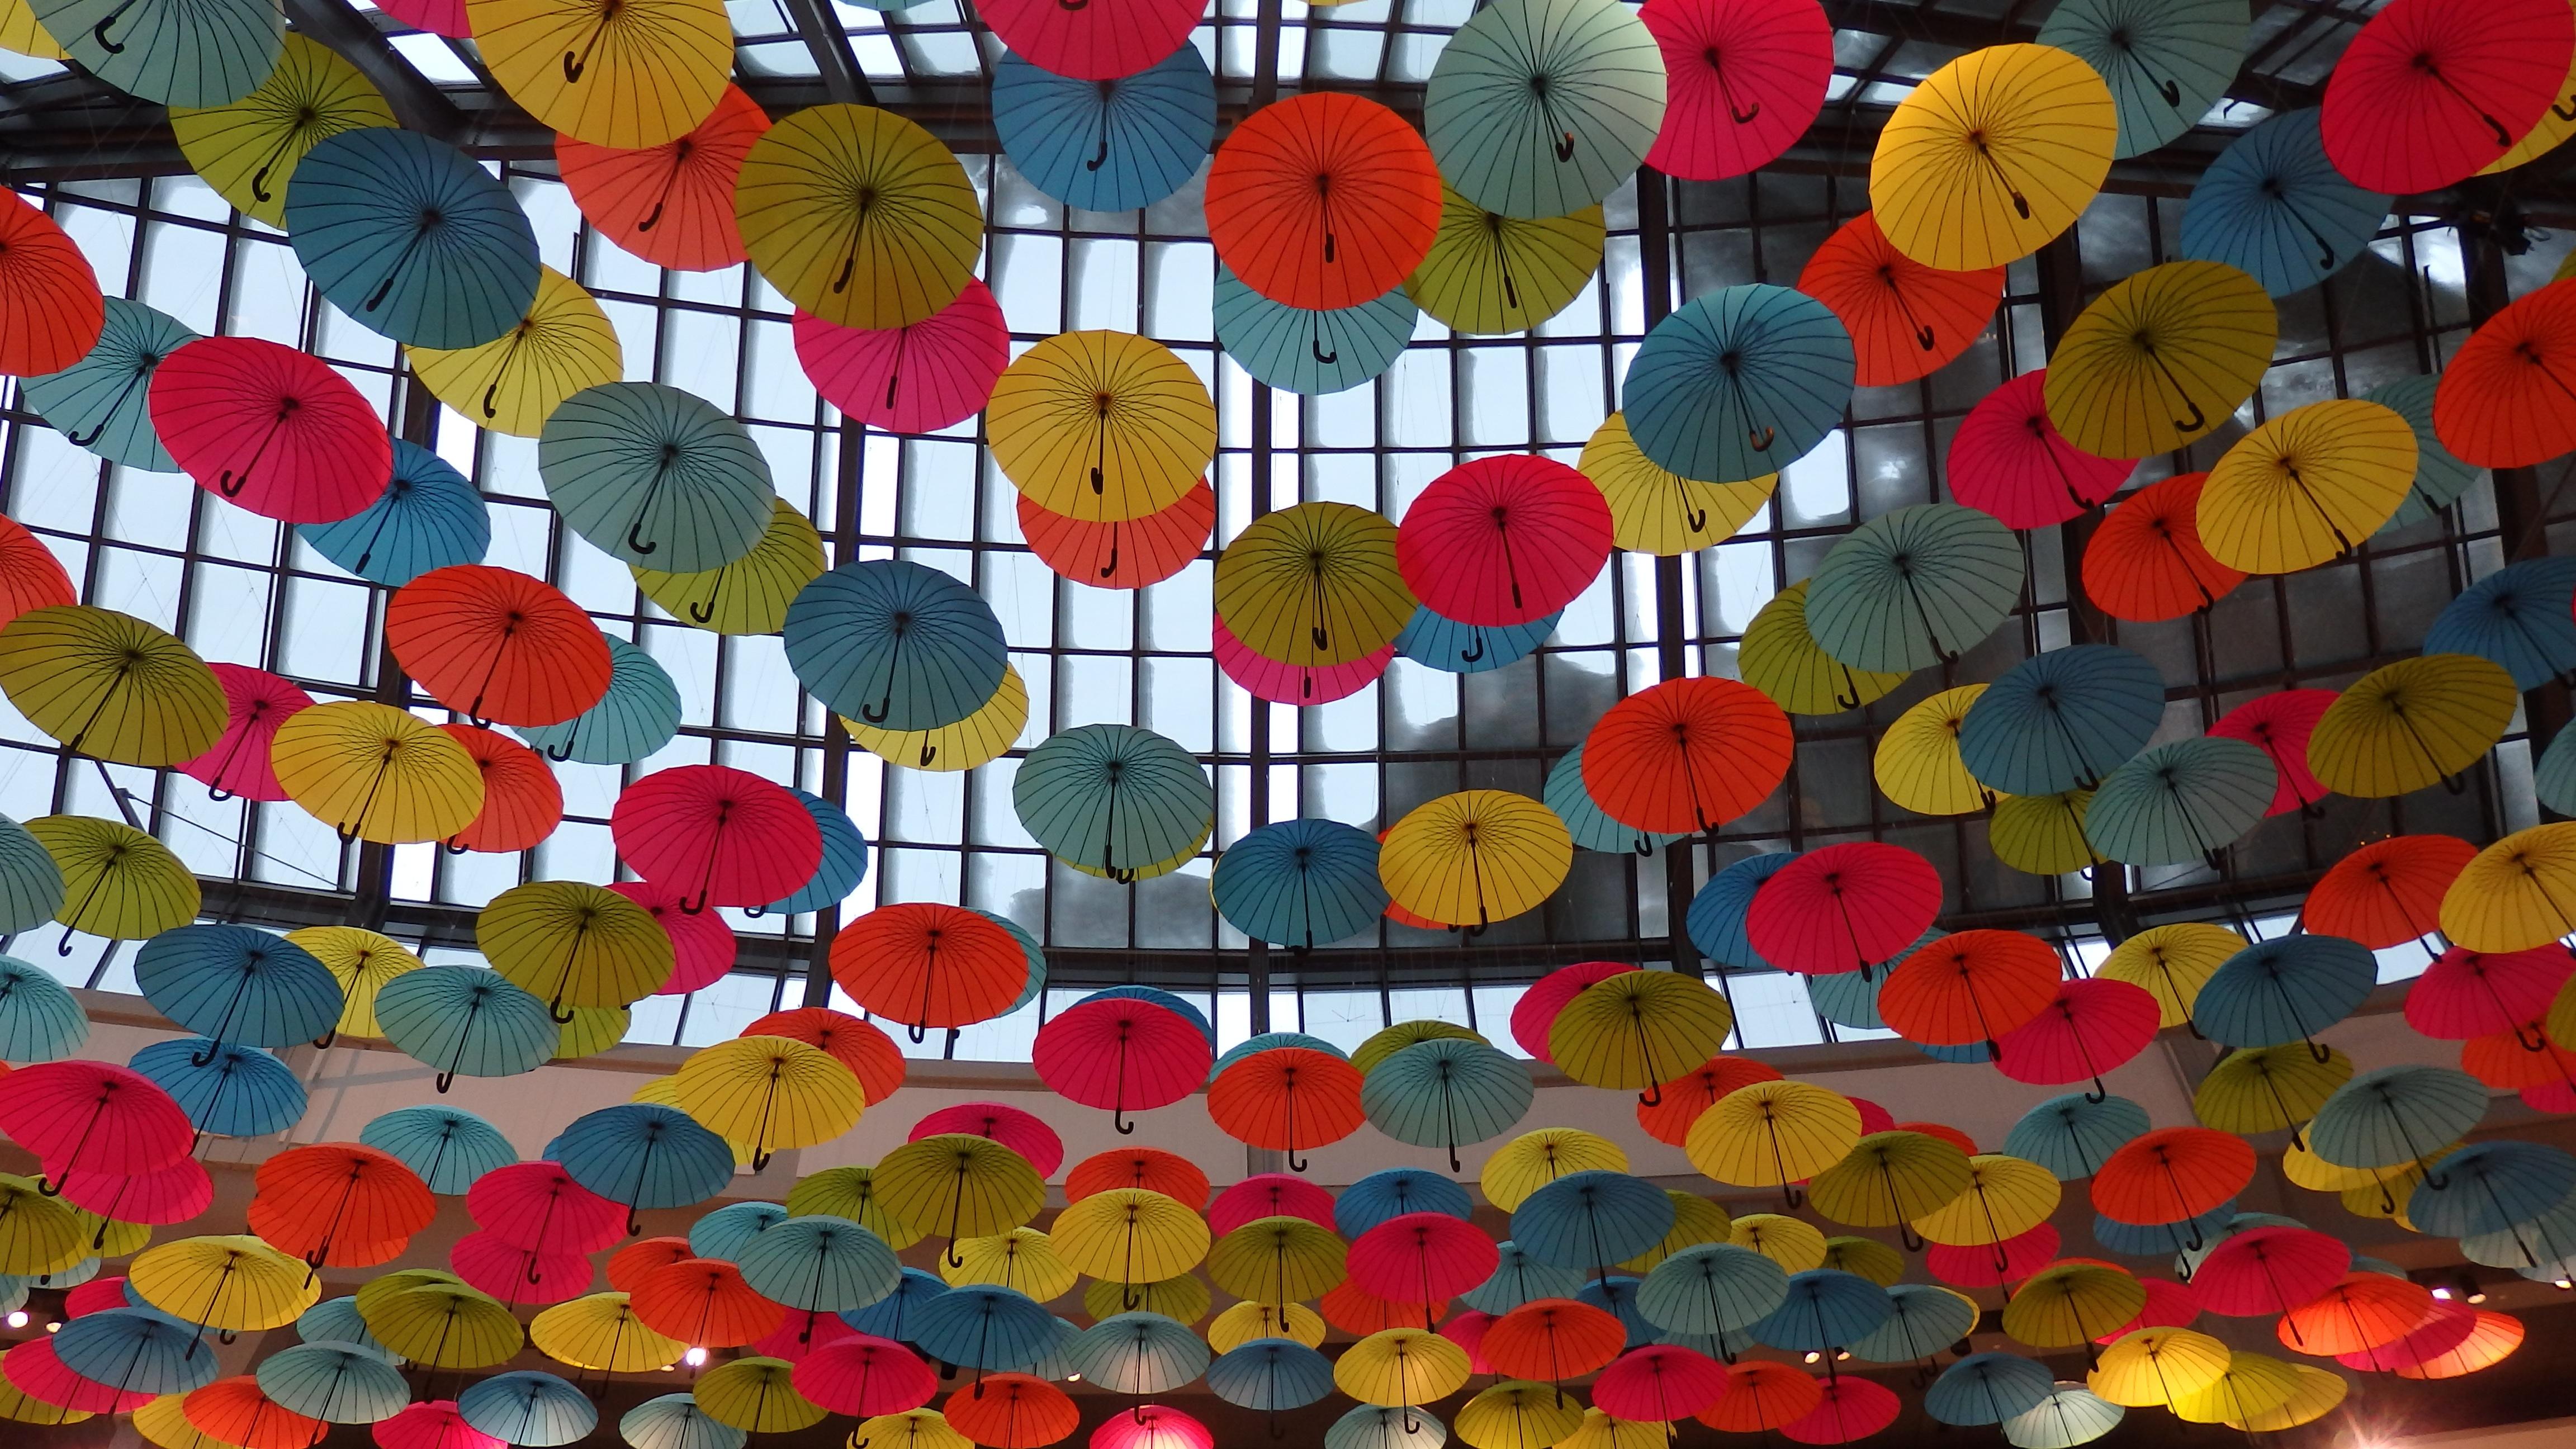 Fotoğraf çiçek Desen şemsiye Renk Oyuncak Dekor Daire